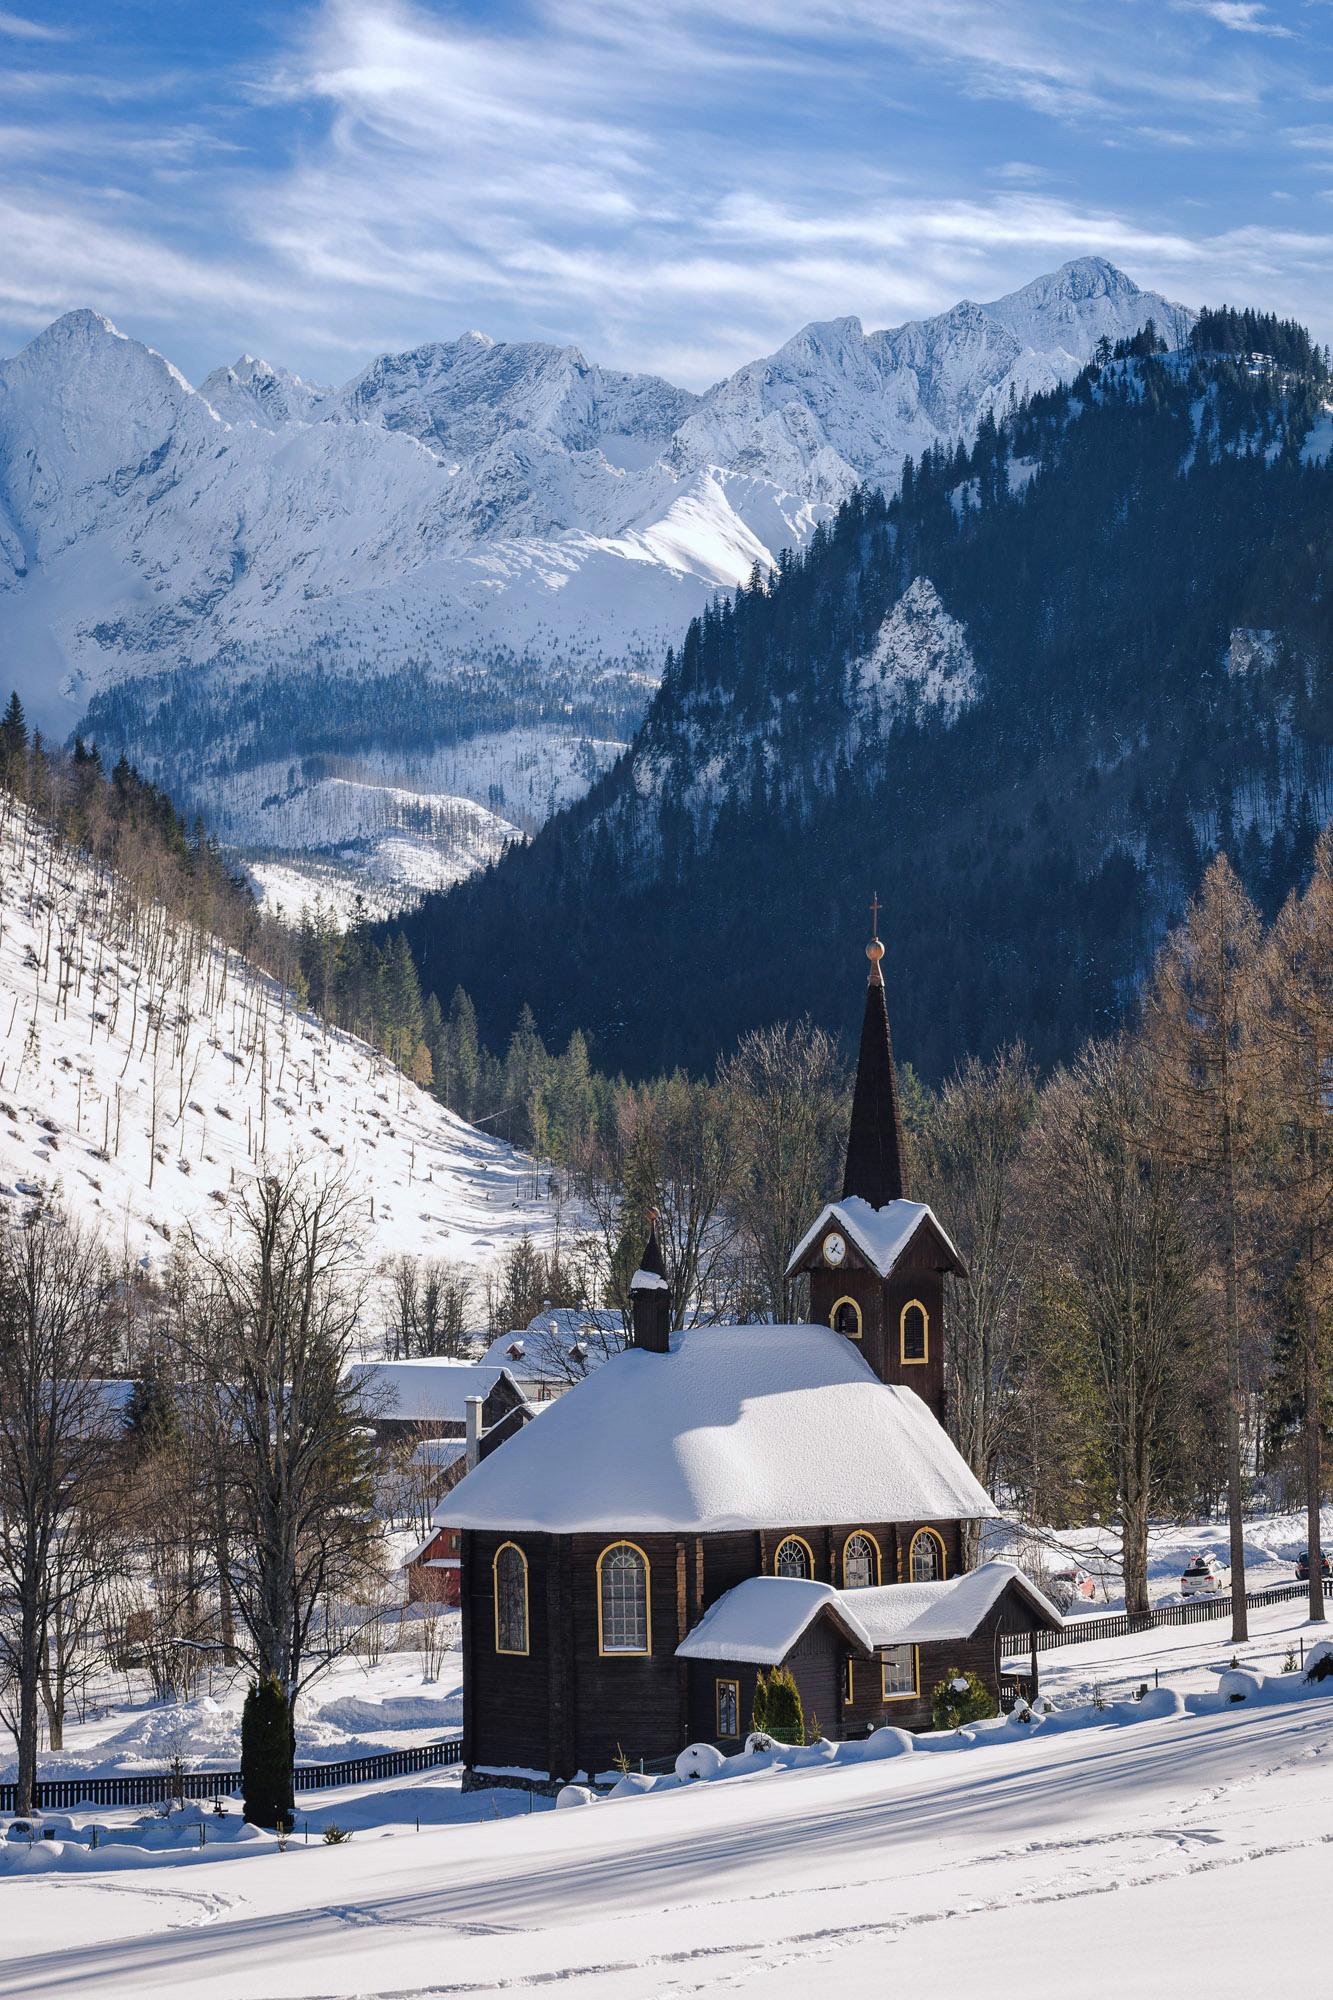 Februrár - Drevený kostolík v Tatranskej Javorine